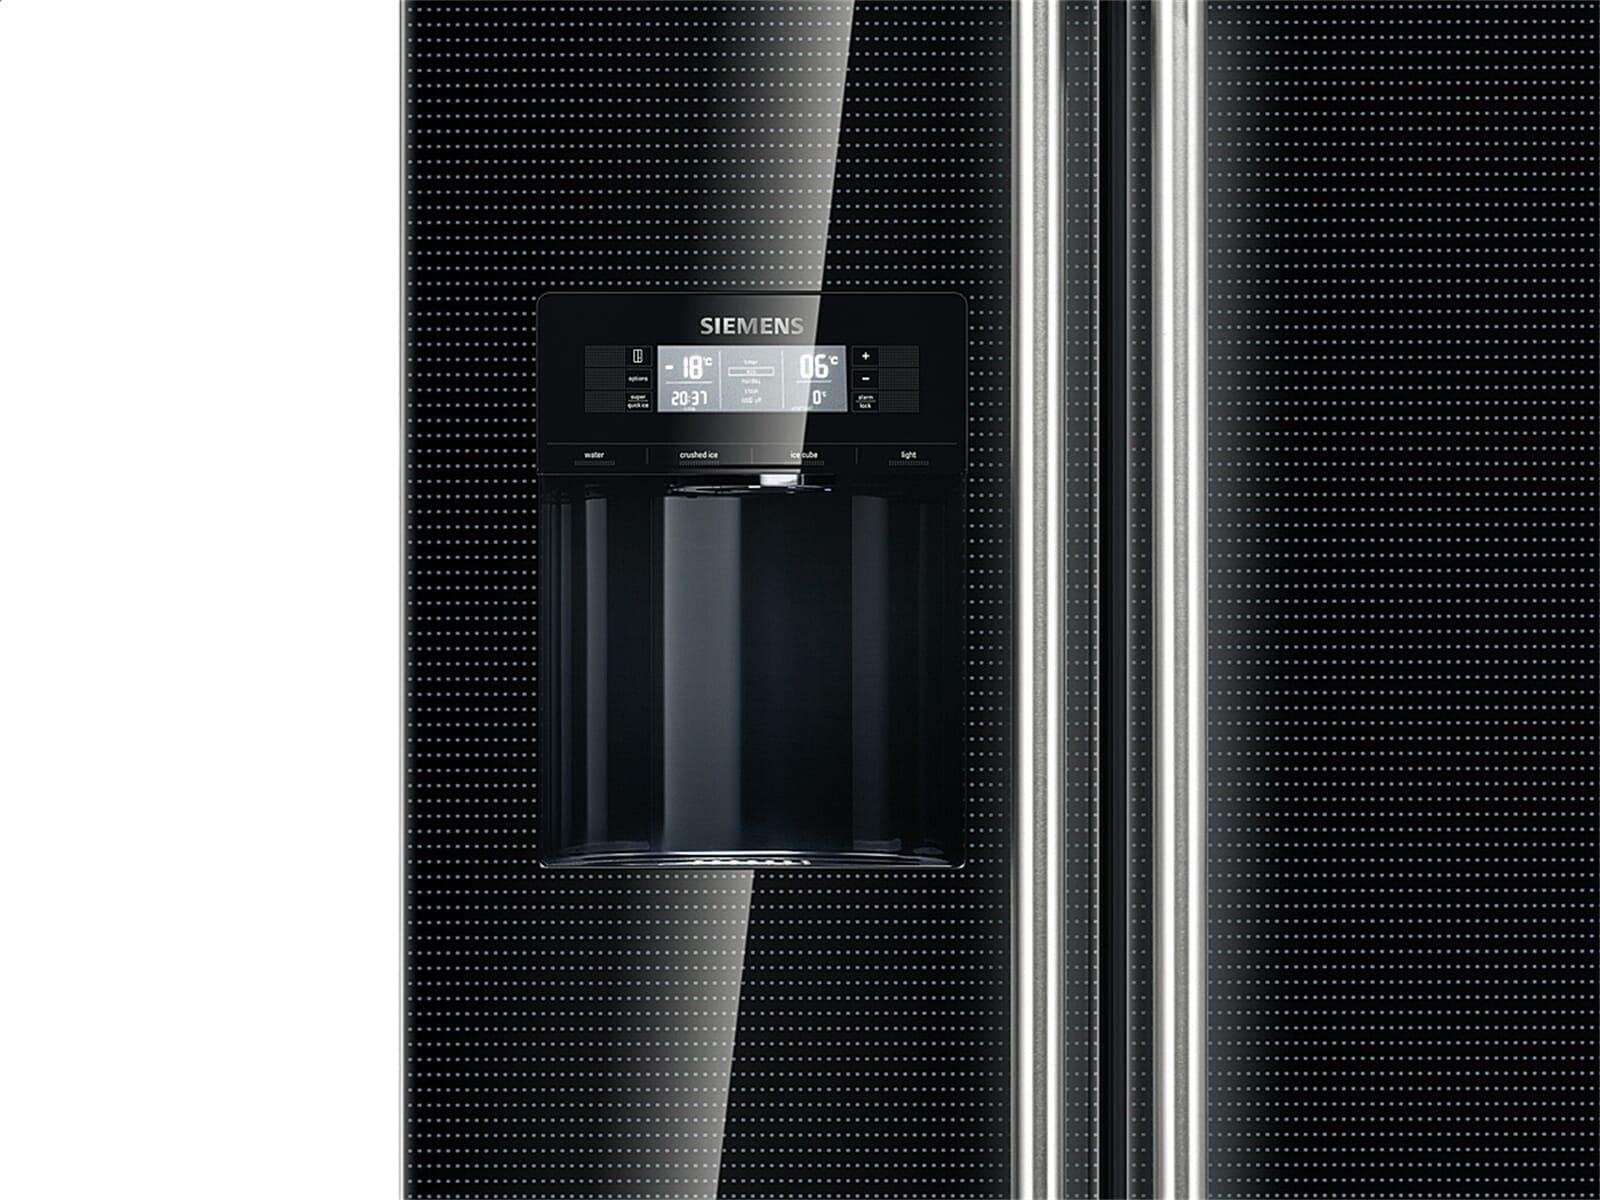 siemens ka62ds51 side by side k hl gefrier kombination schwarz f r 2338 90 eur. Black Bedroom Furniture Sets. Home Design Ideas